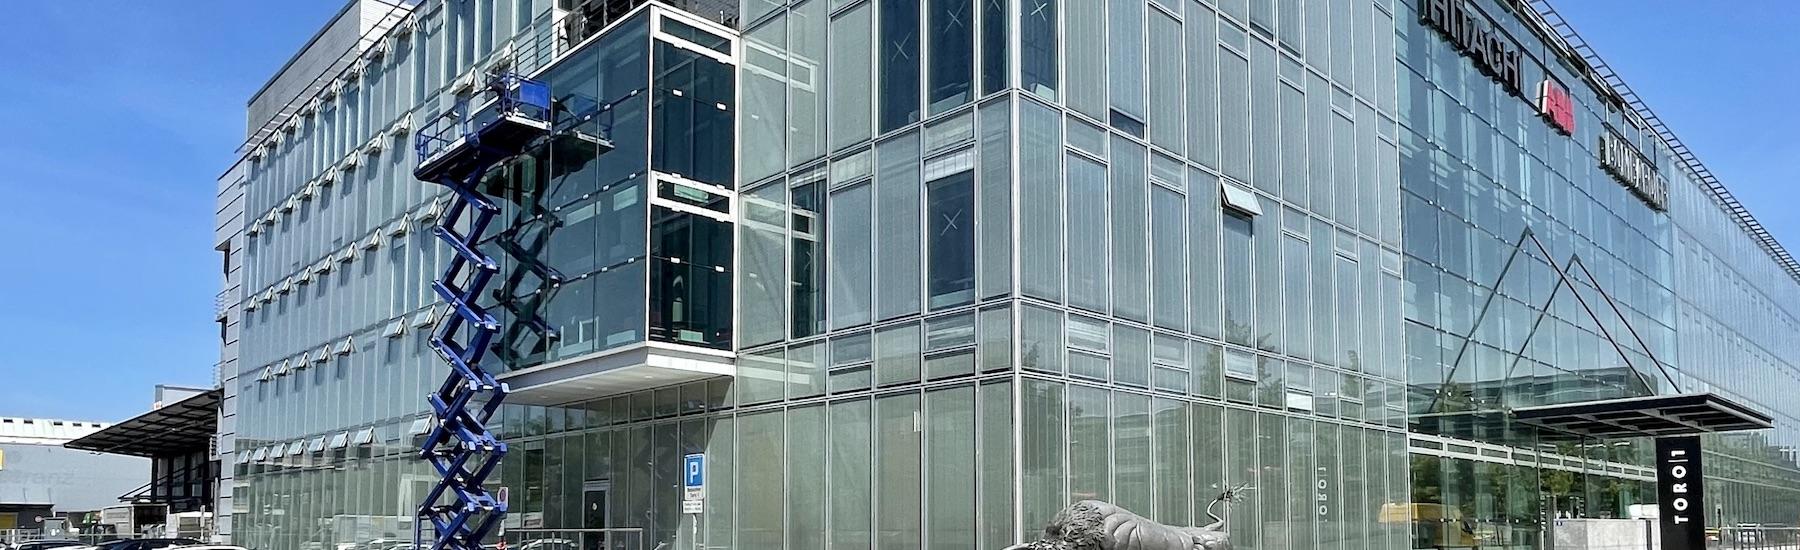 sunbiente Gebäudeglasfolien Sonnenschutzfolien am Erker der Geschäftsliegenschaft Toro1 in Zürich-Oerlikon